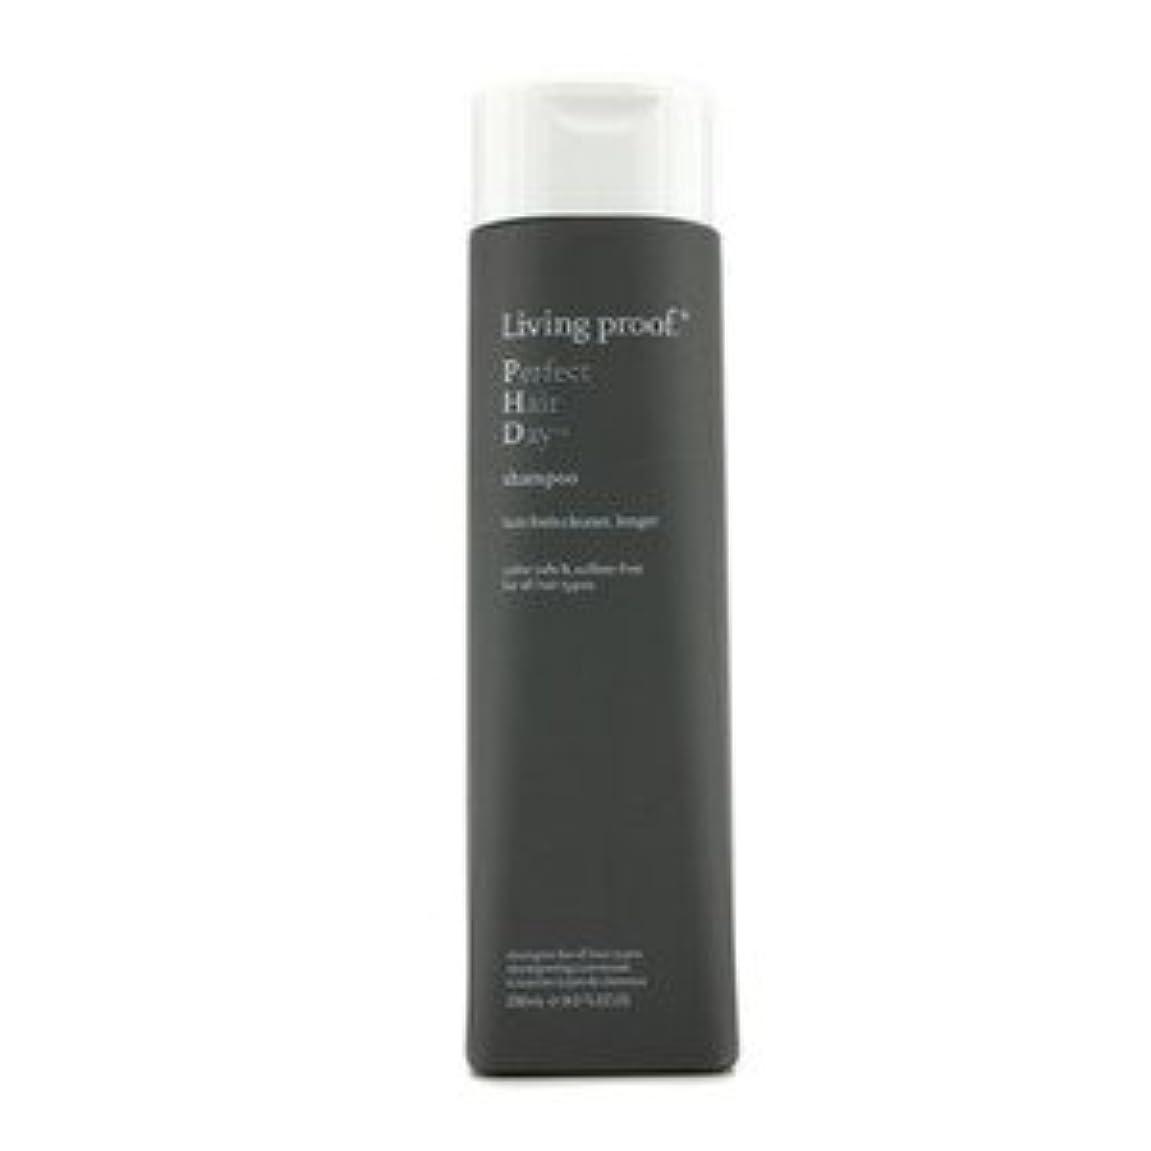 オーバーコート定数偽造Living Proof パーフェクト ヘア デイ(PHD)シャンプー(For All Hair Types) 236ml/8oz [並行輸入品]